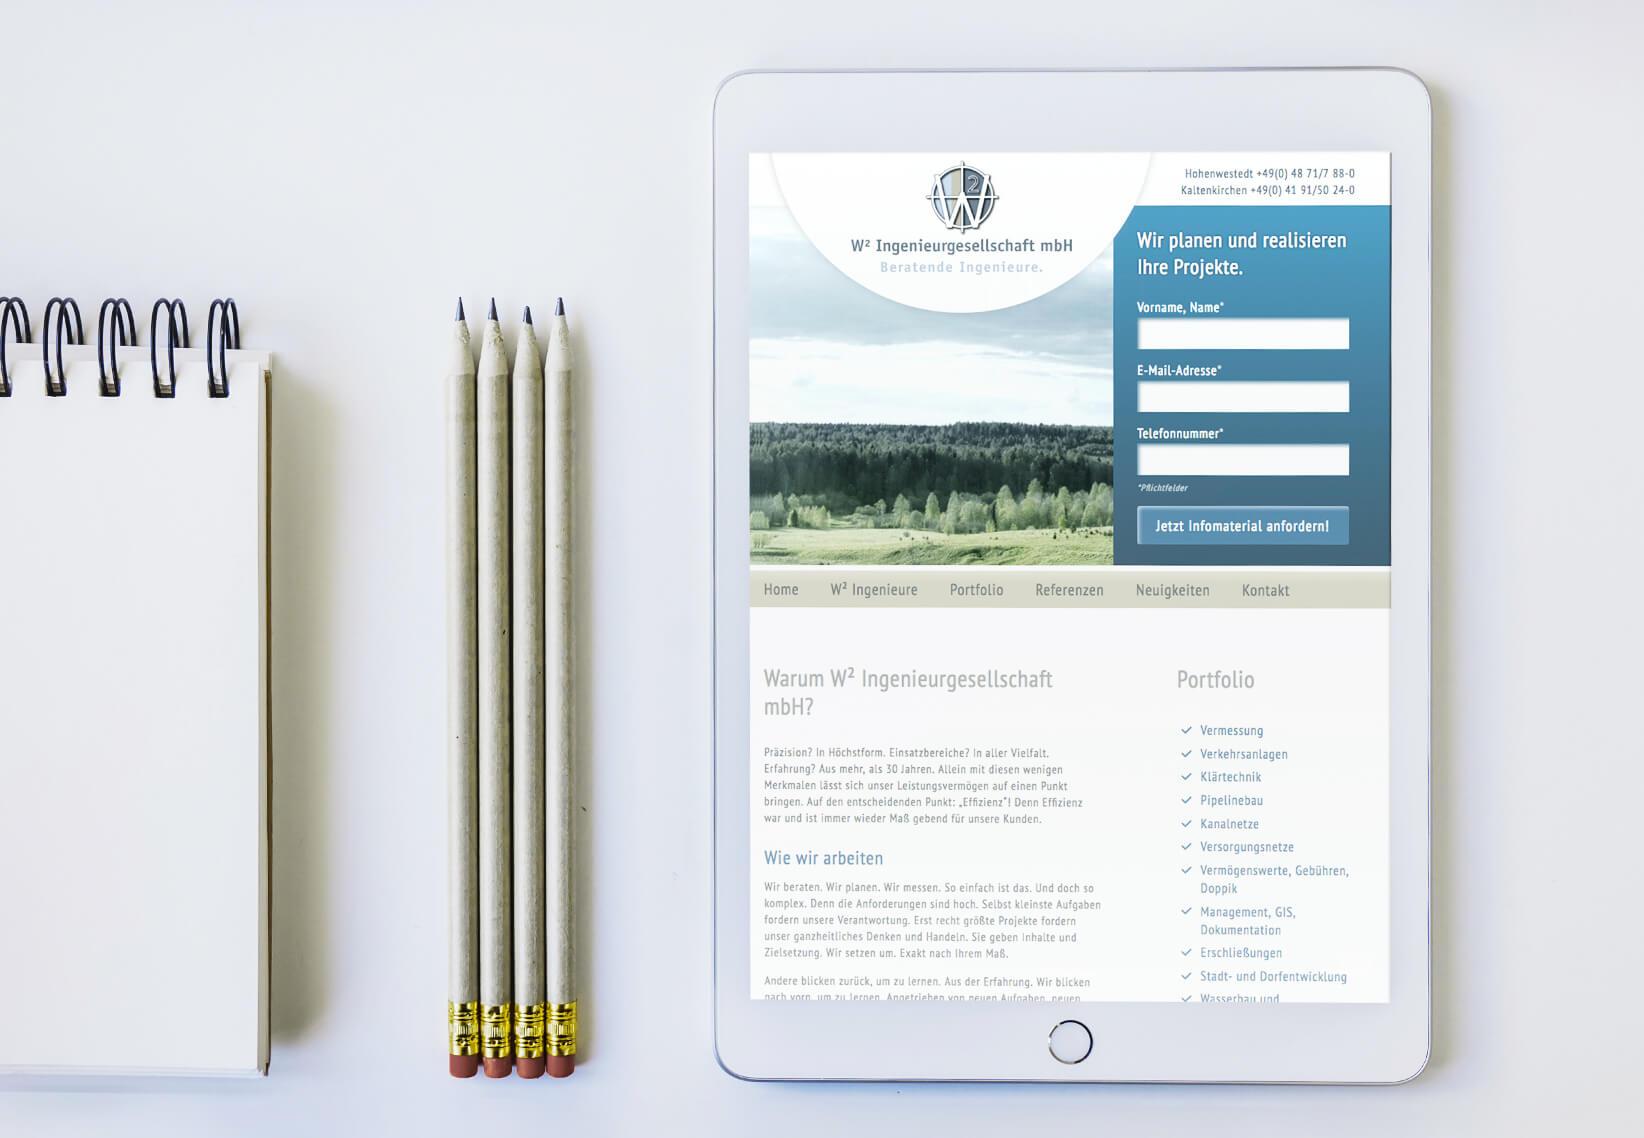 w2_ingenieurgesellschaft_webseite_tablet